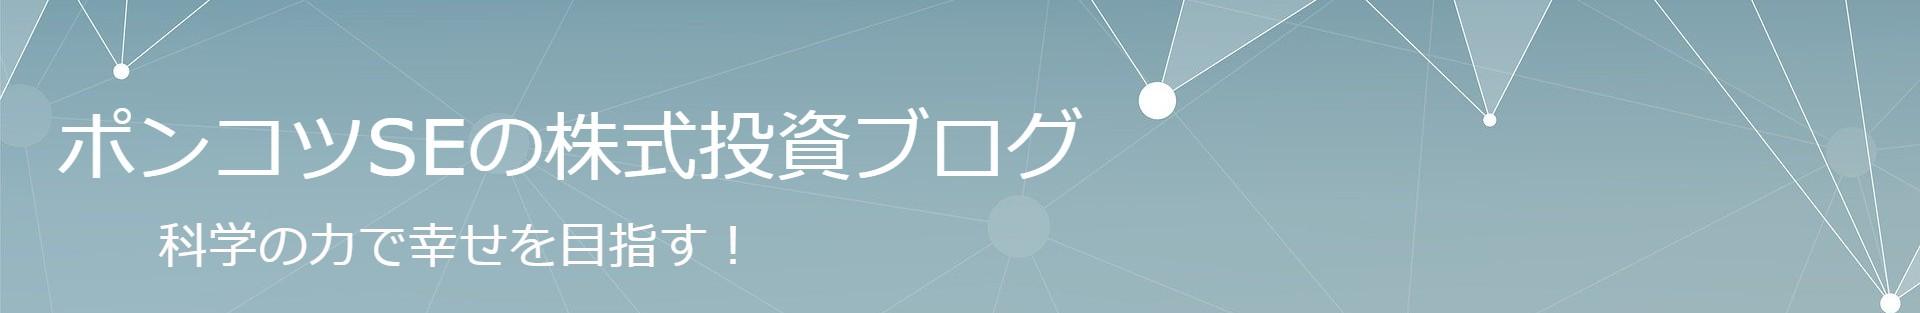 ポンコツSEの株式投資ブログ